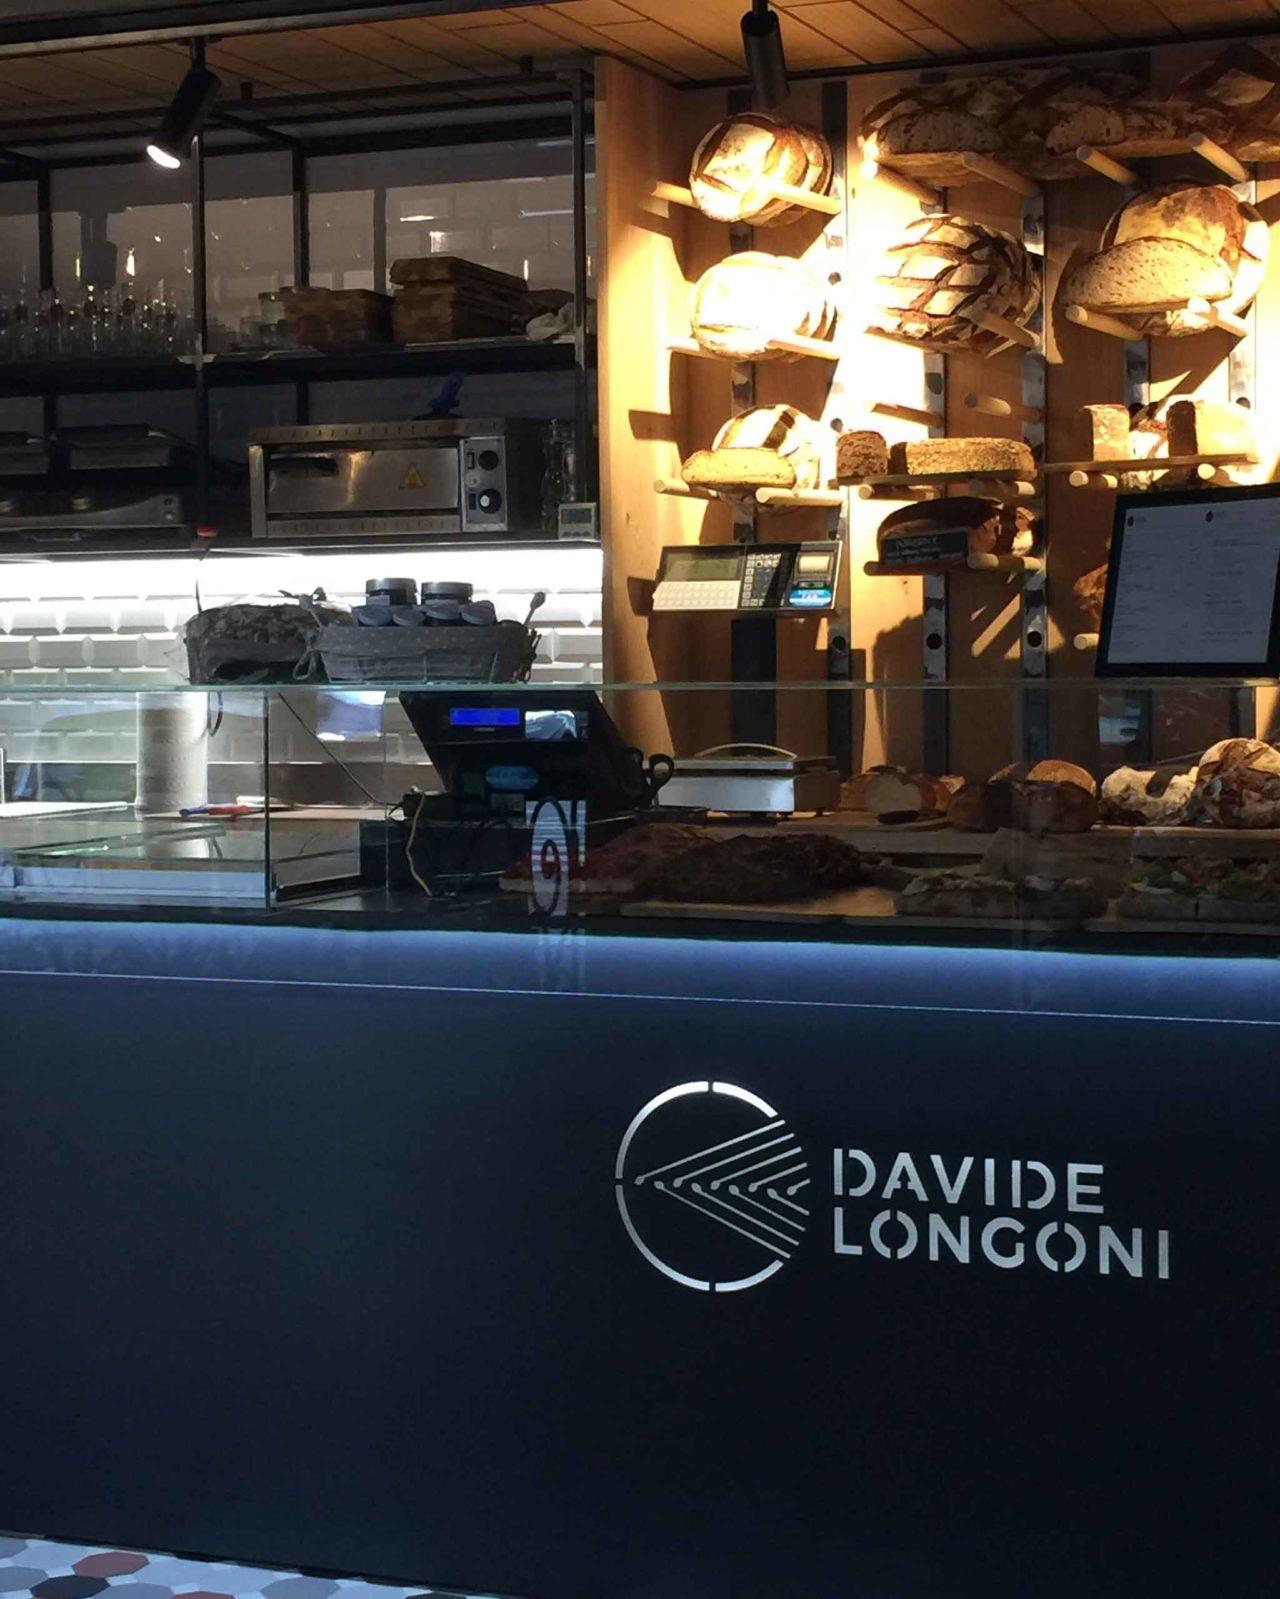 Nuovo panificio davide longoni via bronzetti milano interno